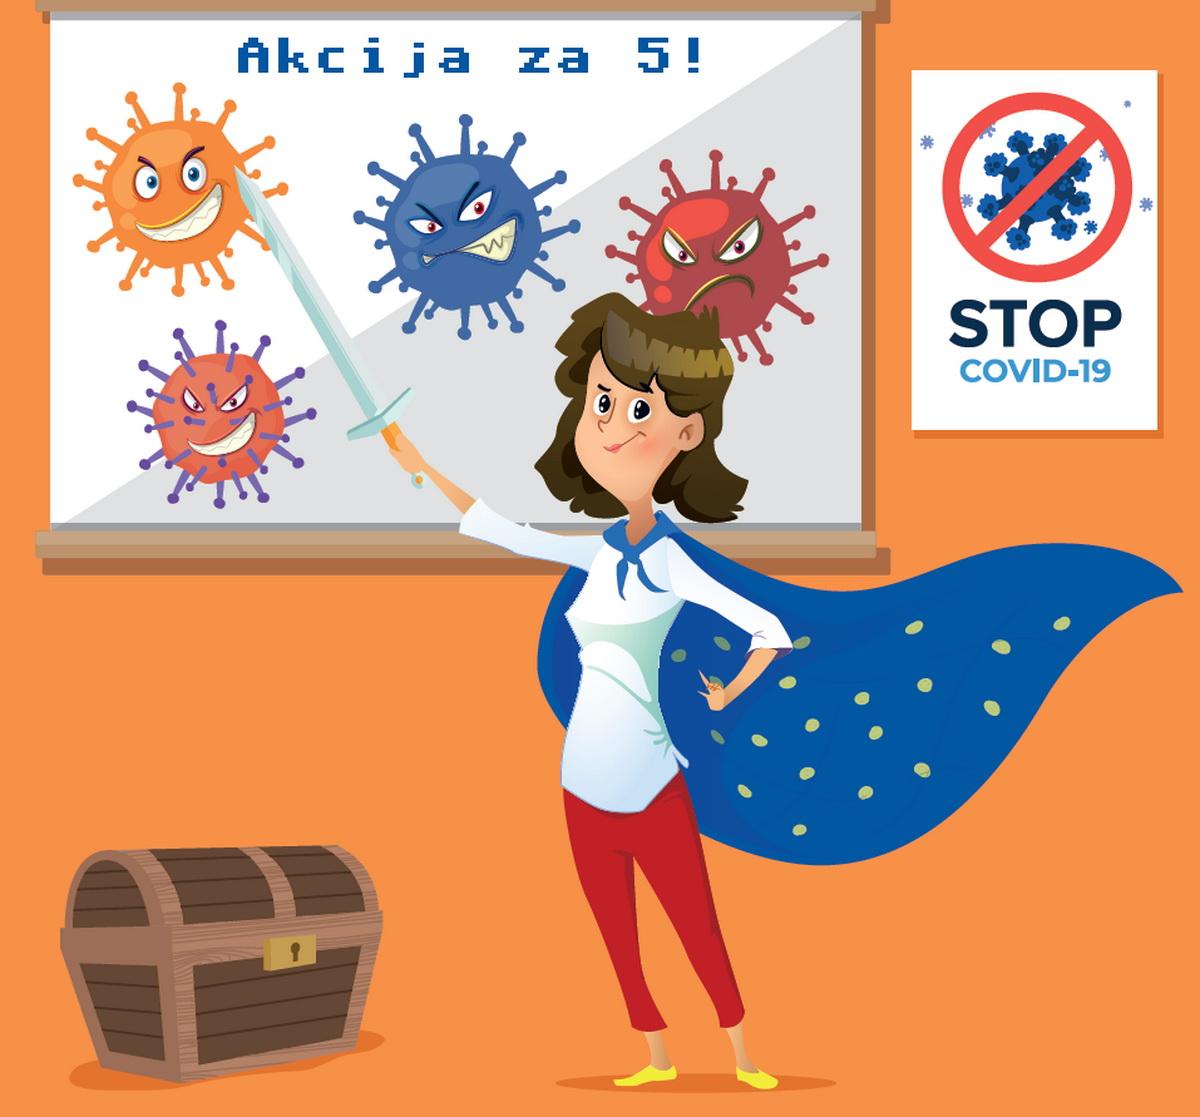 Akcija za 5! posvećena temi koronavirusa (autor Marko Laća)